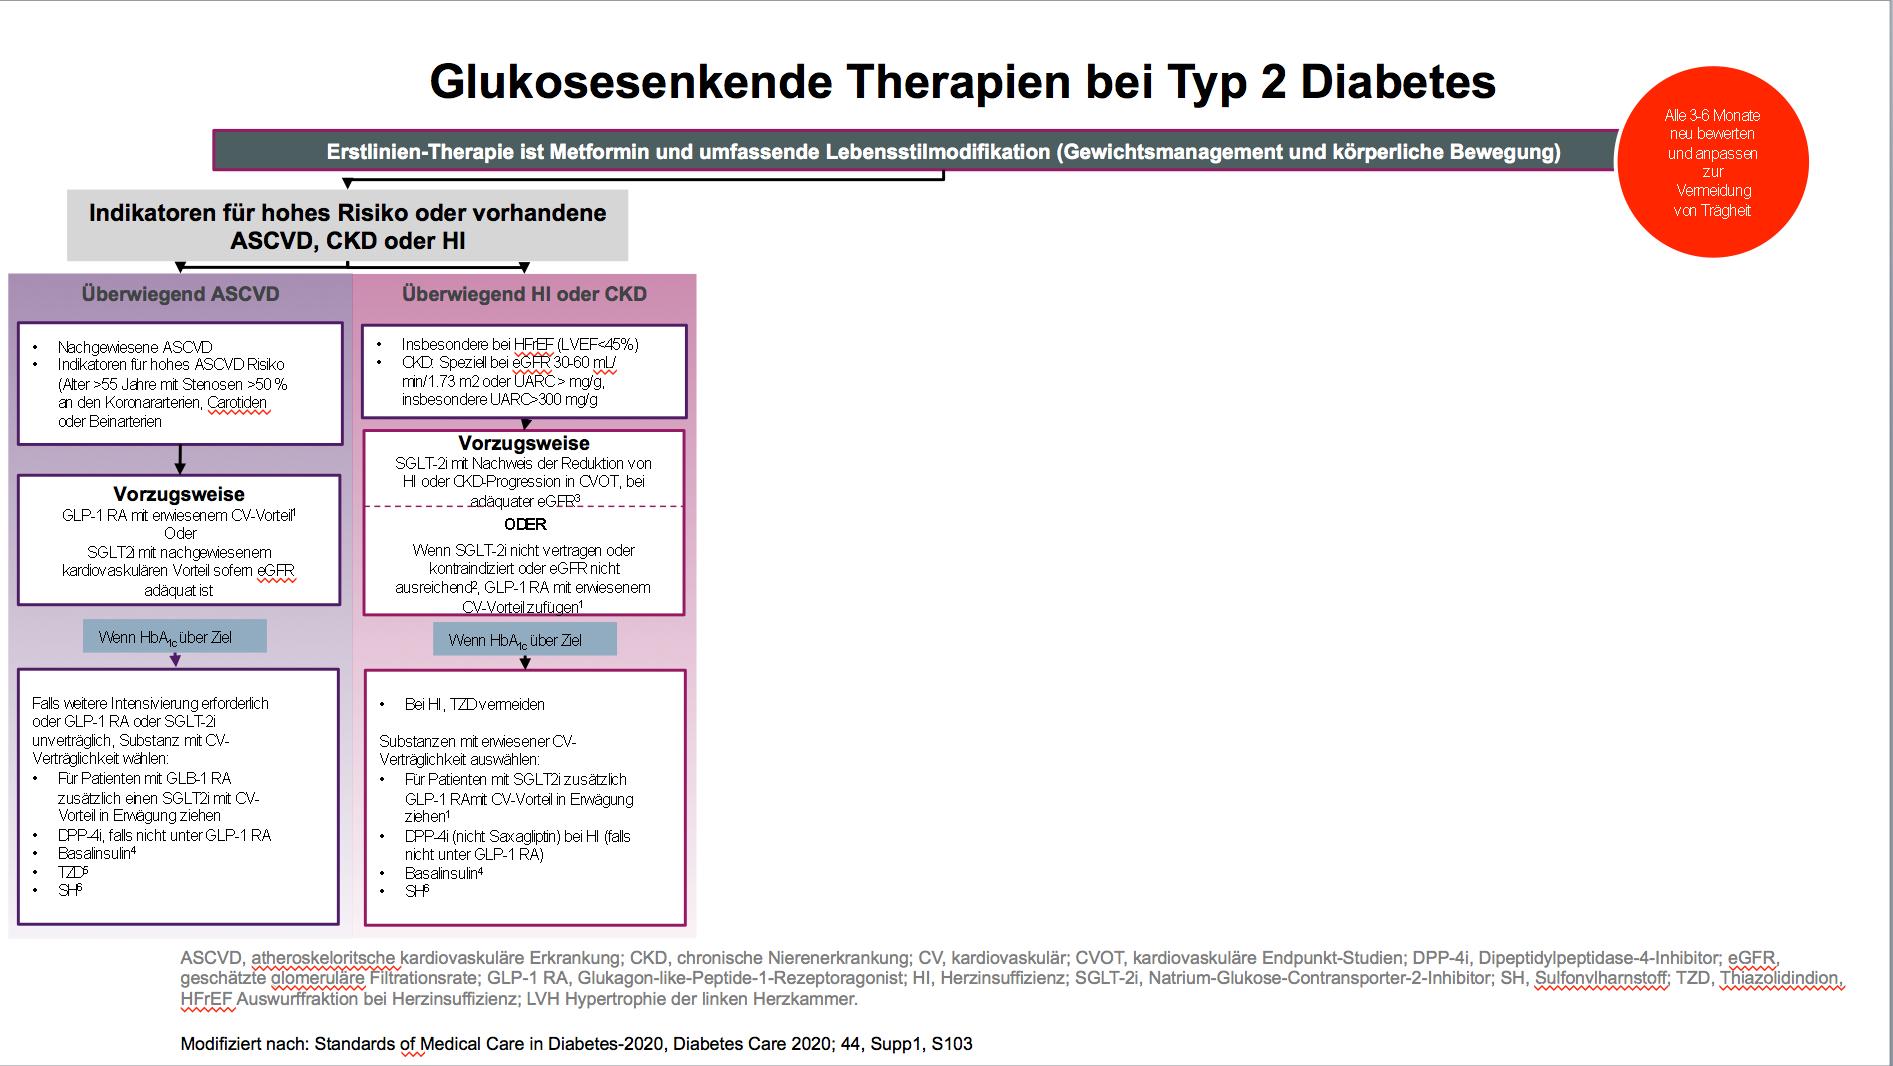 Diabetesmedikamente, die Gewichtsverlust verursachen